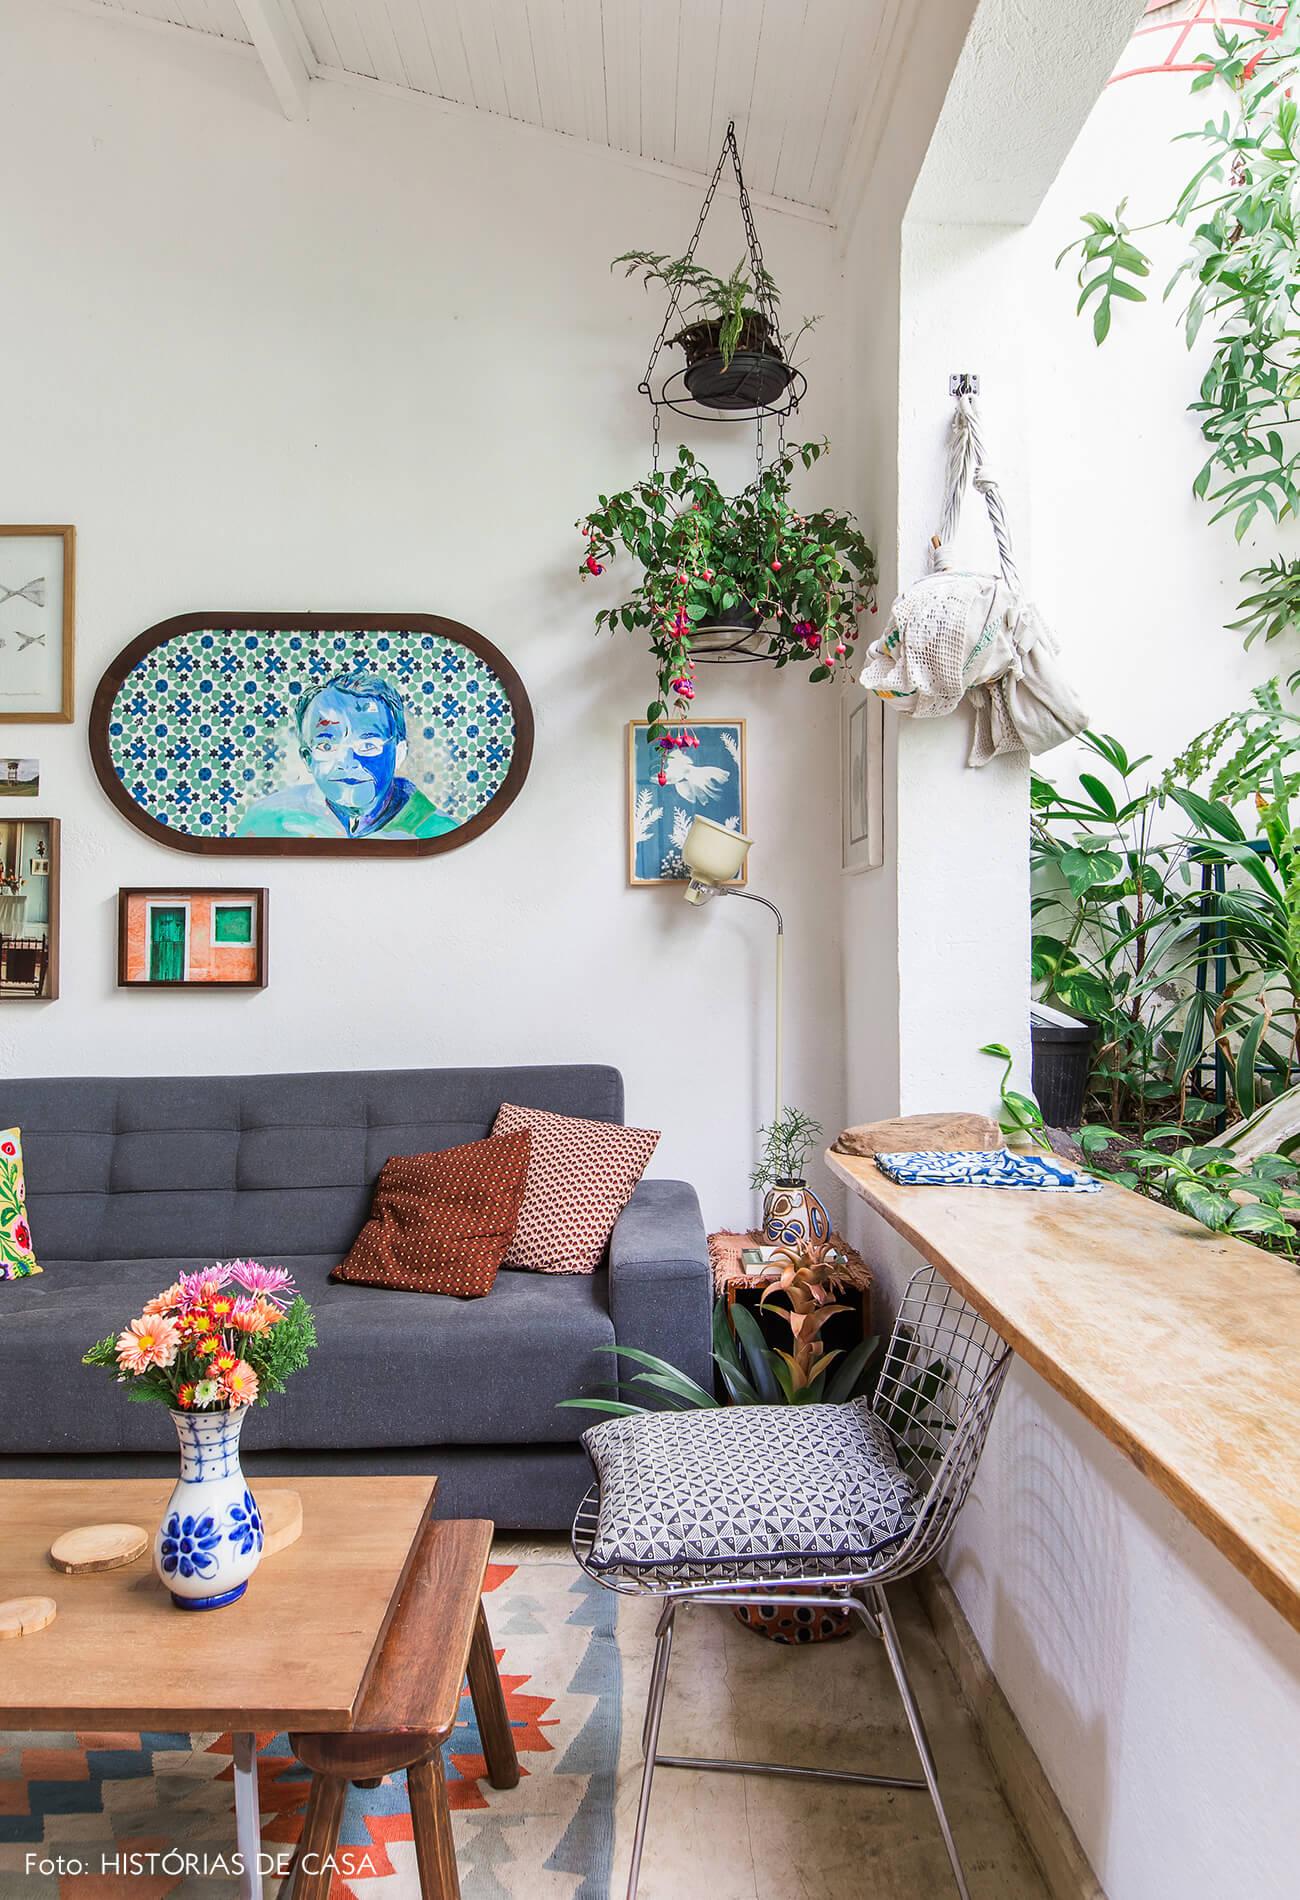 Sala com sofá cinza e jardim exuberante